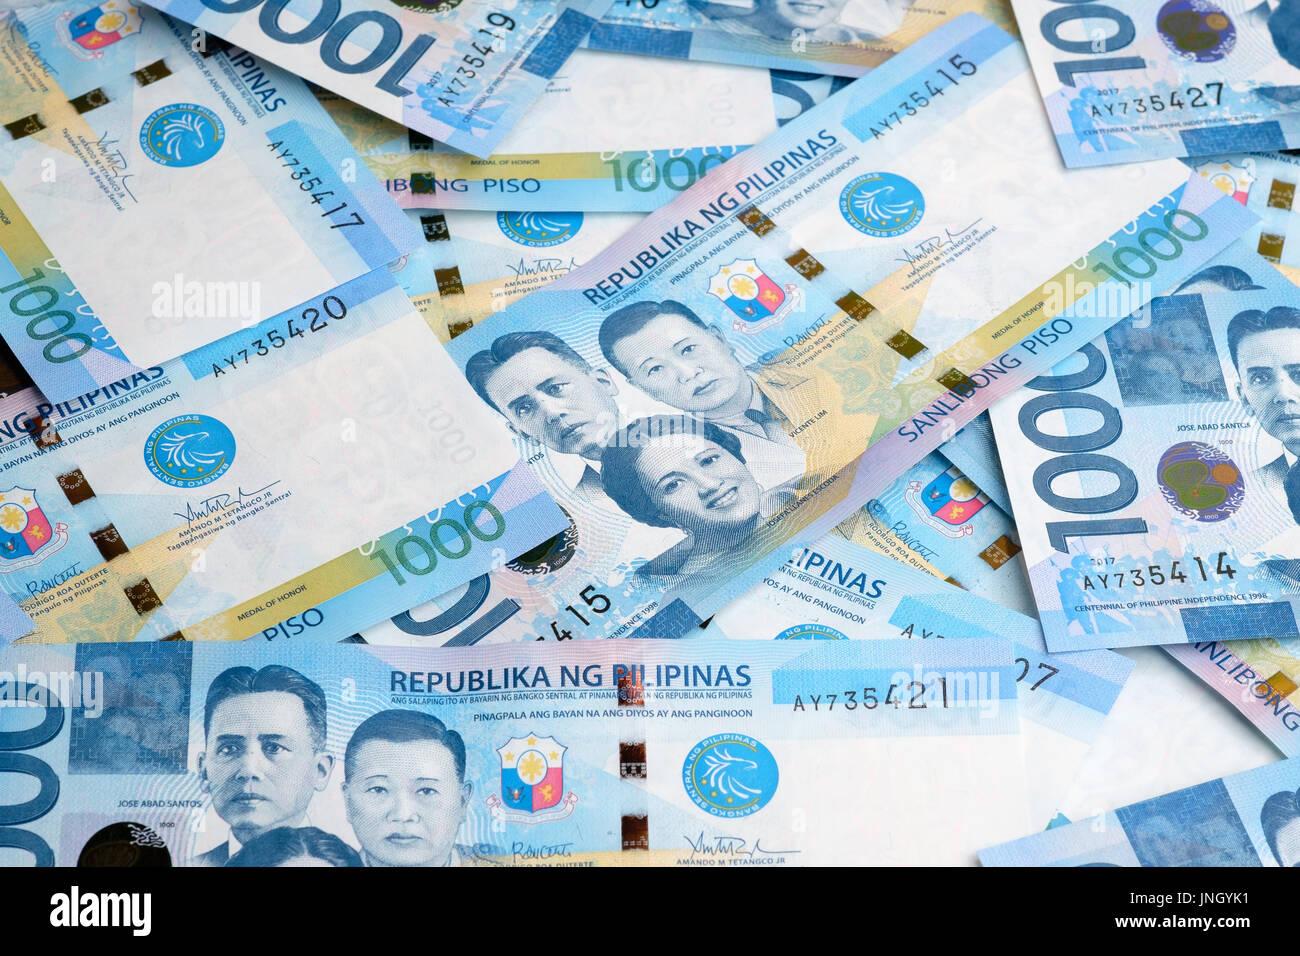 1000 Peso Stock Photos & 1000 Peso Stock Images - Alamy